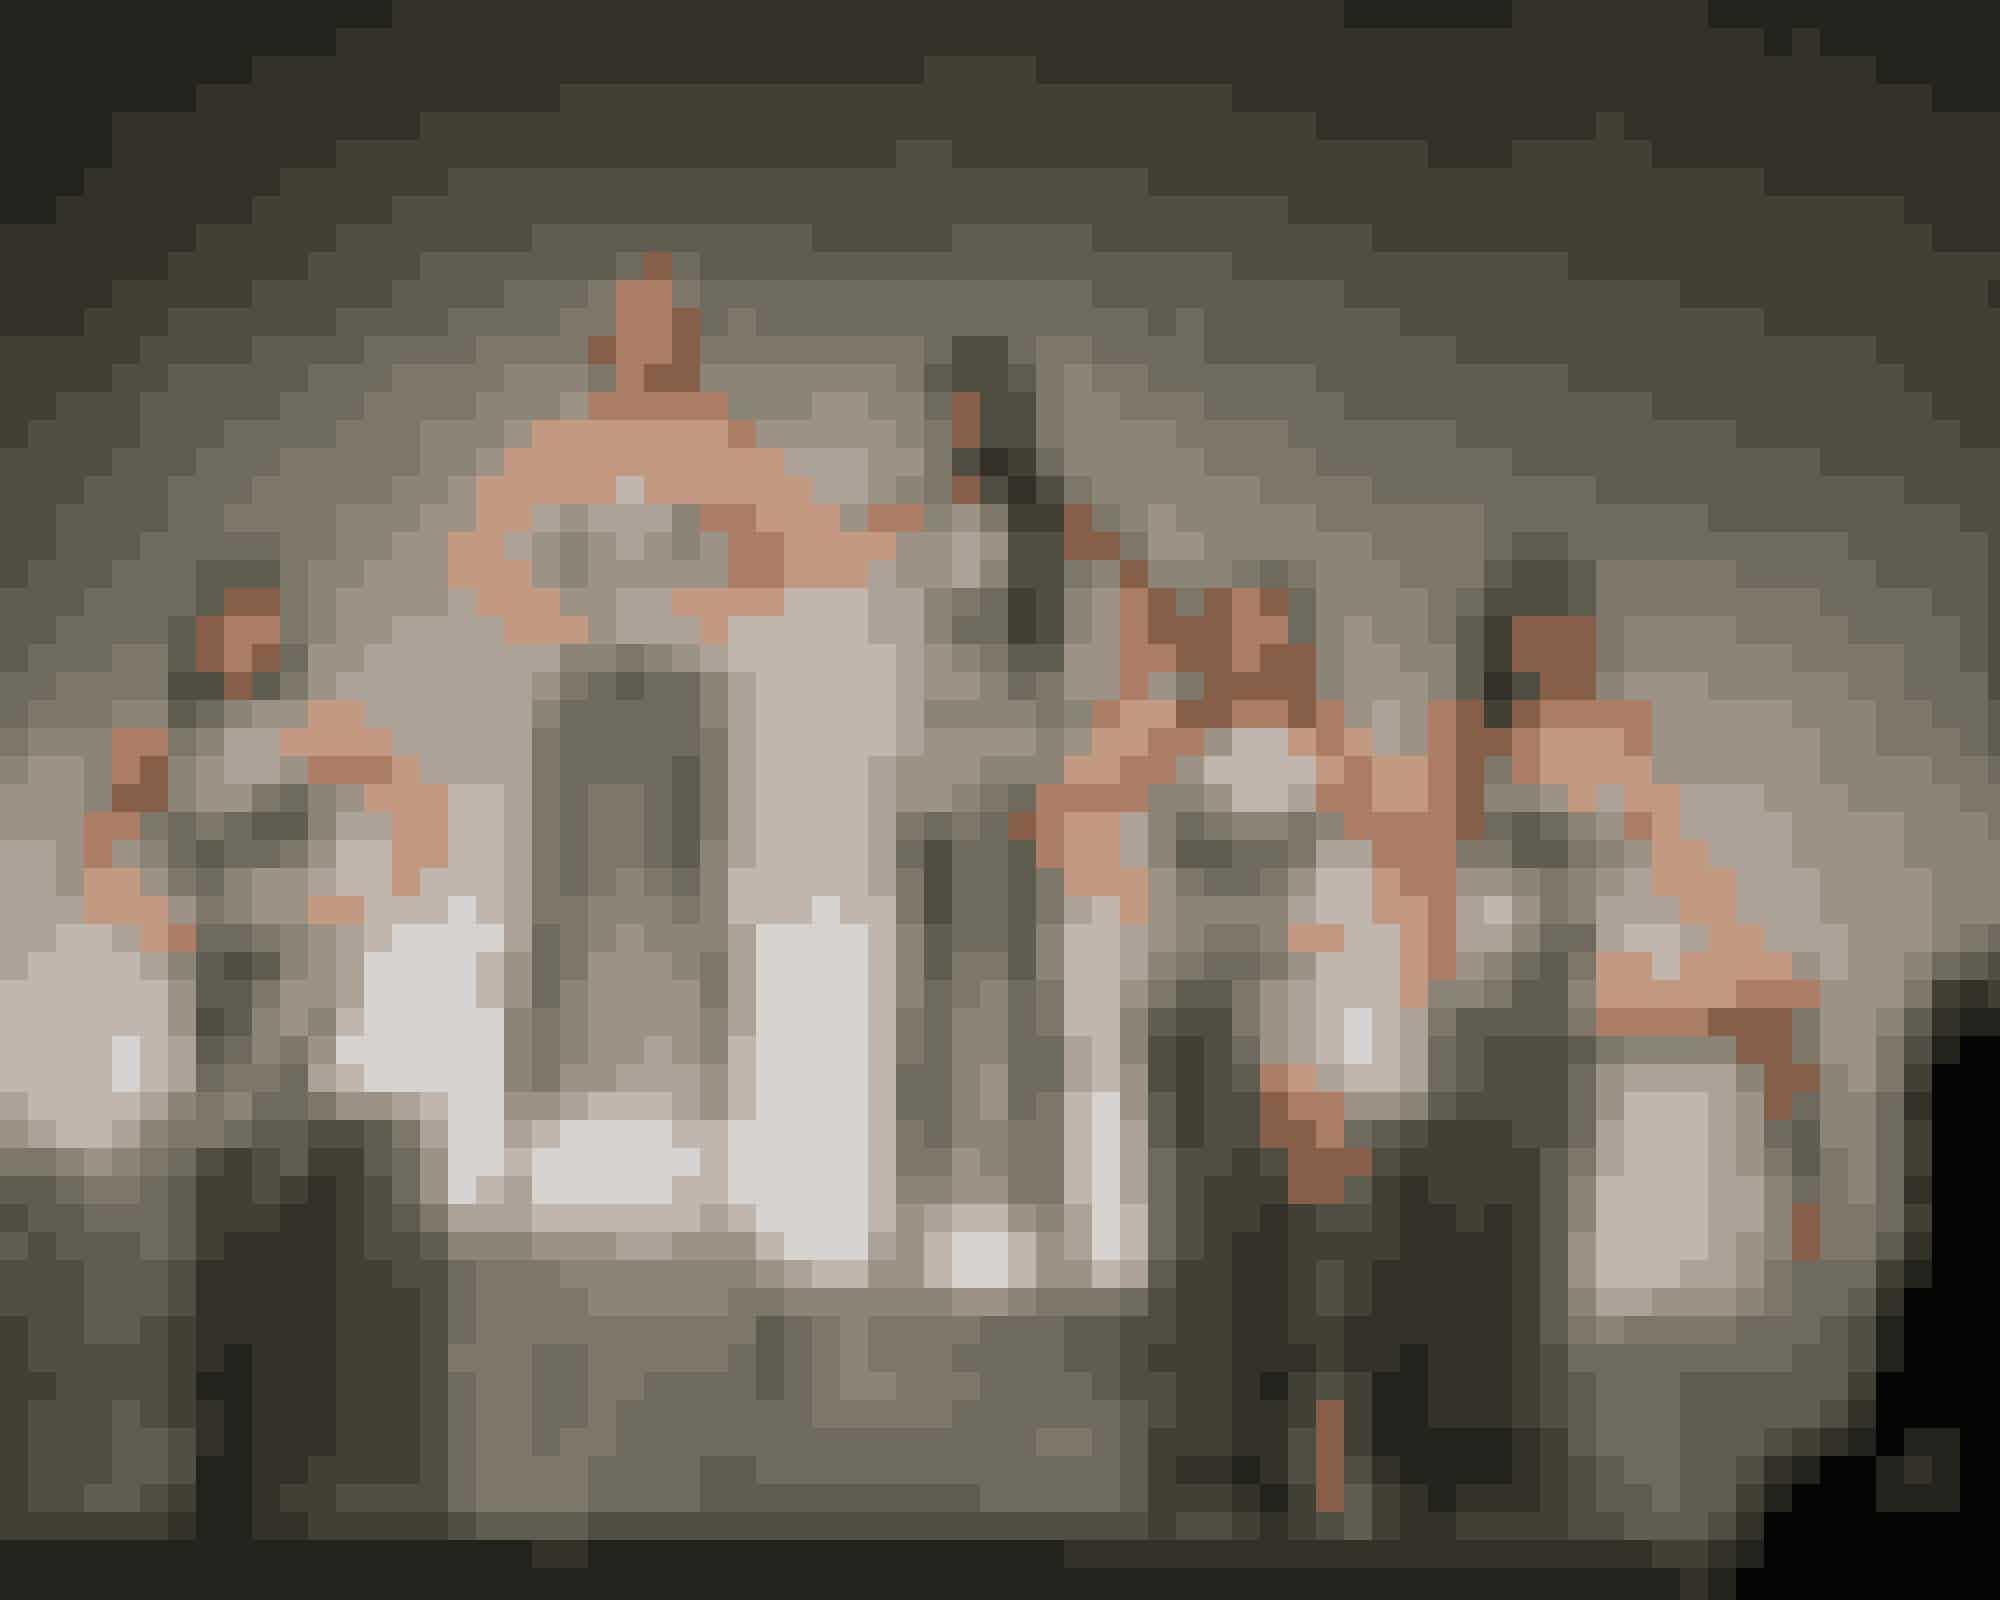 5. Versace hyldet af supermodellerne20-året for Gianni Versaces død blev markeret under modeugen i Milano i september, hvor fem af de originale supermodeller var på podiet for, sammen med Donatella Versace, at hylde den mand, som havde en stor andel i deres karrierer. Og da Cindy Crawford, Claudia Schiffer, Naomi Campbell, Carla Bruni og danske Helena Christensen skridtede ned ad podiet iført gudinde-guldkjoler var der ikke ét øje, der var tørt på publikumsrækkerne.